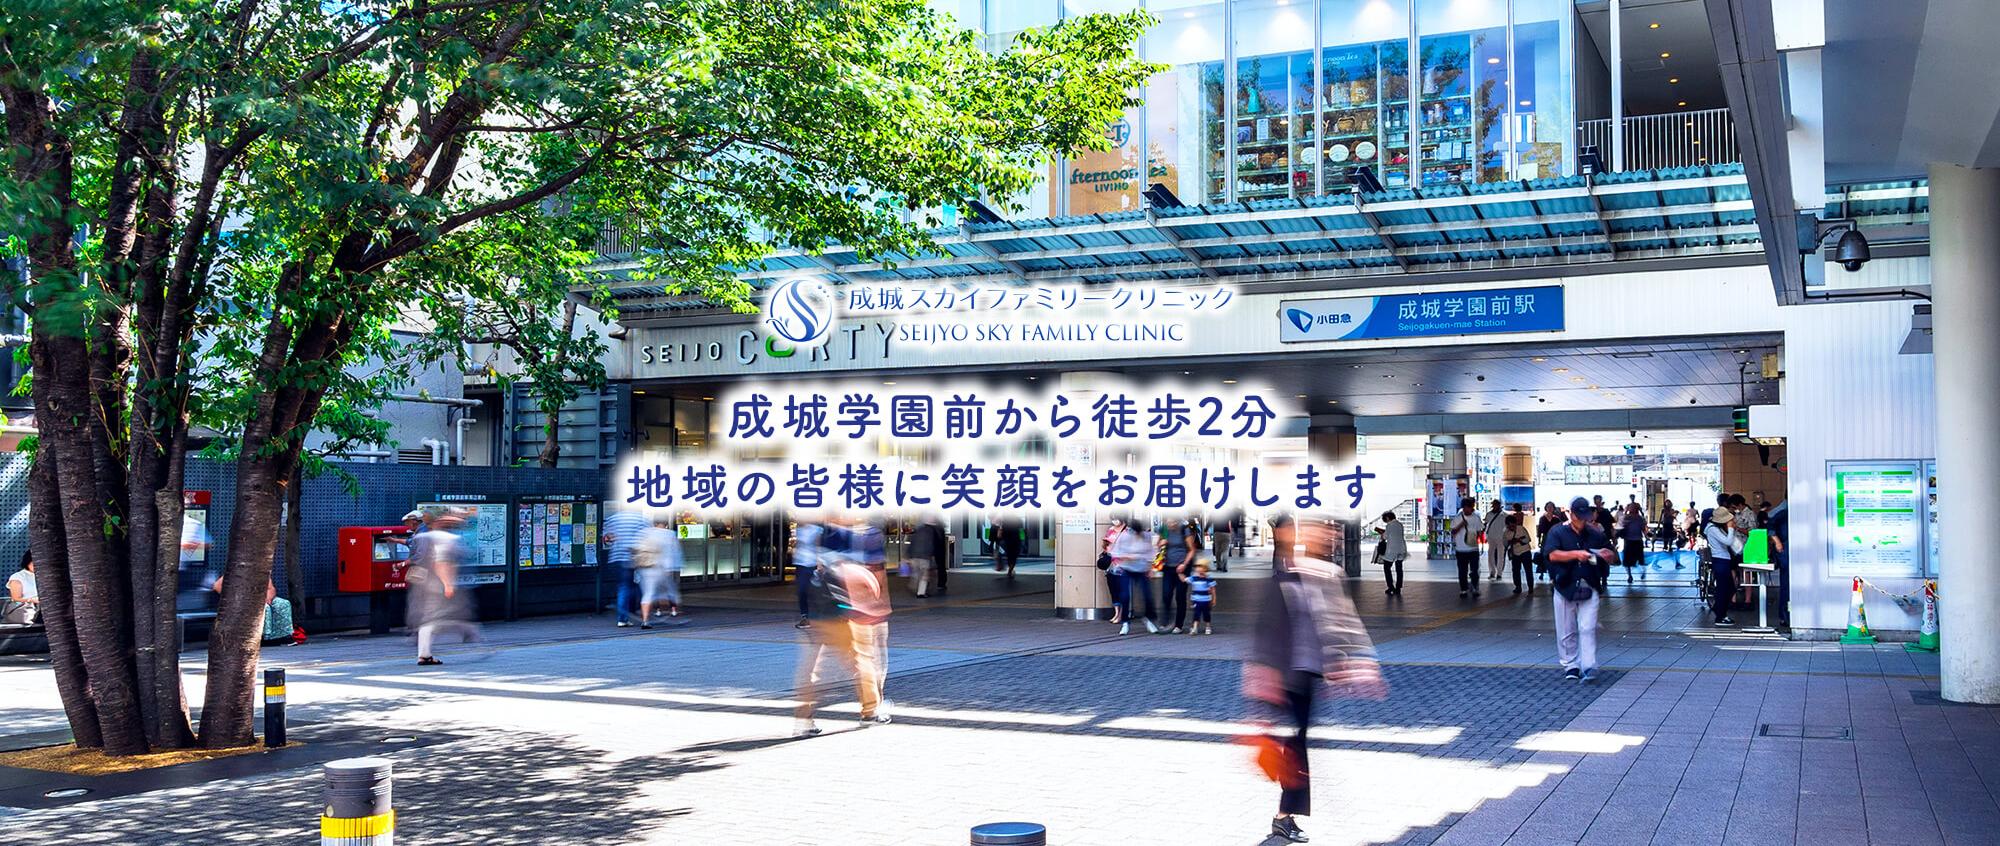 成城学園前から徒歩2分。地域の皆様に笑顔をお届けします。